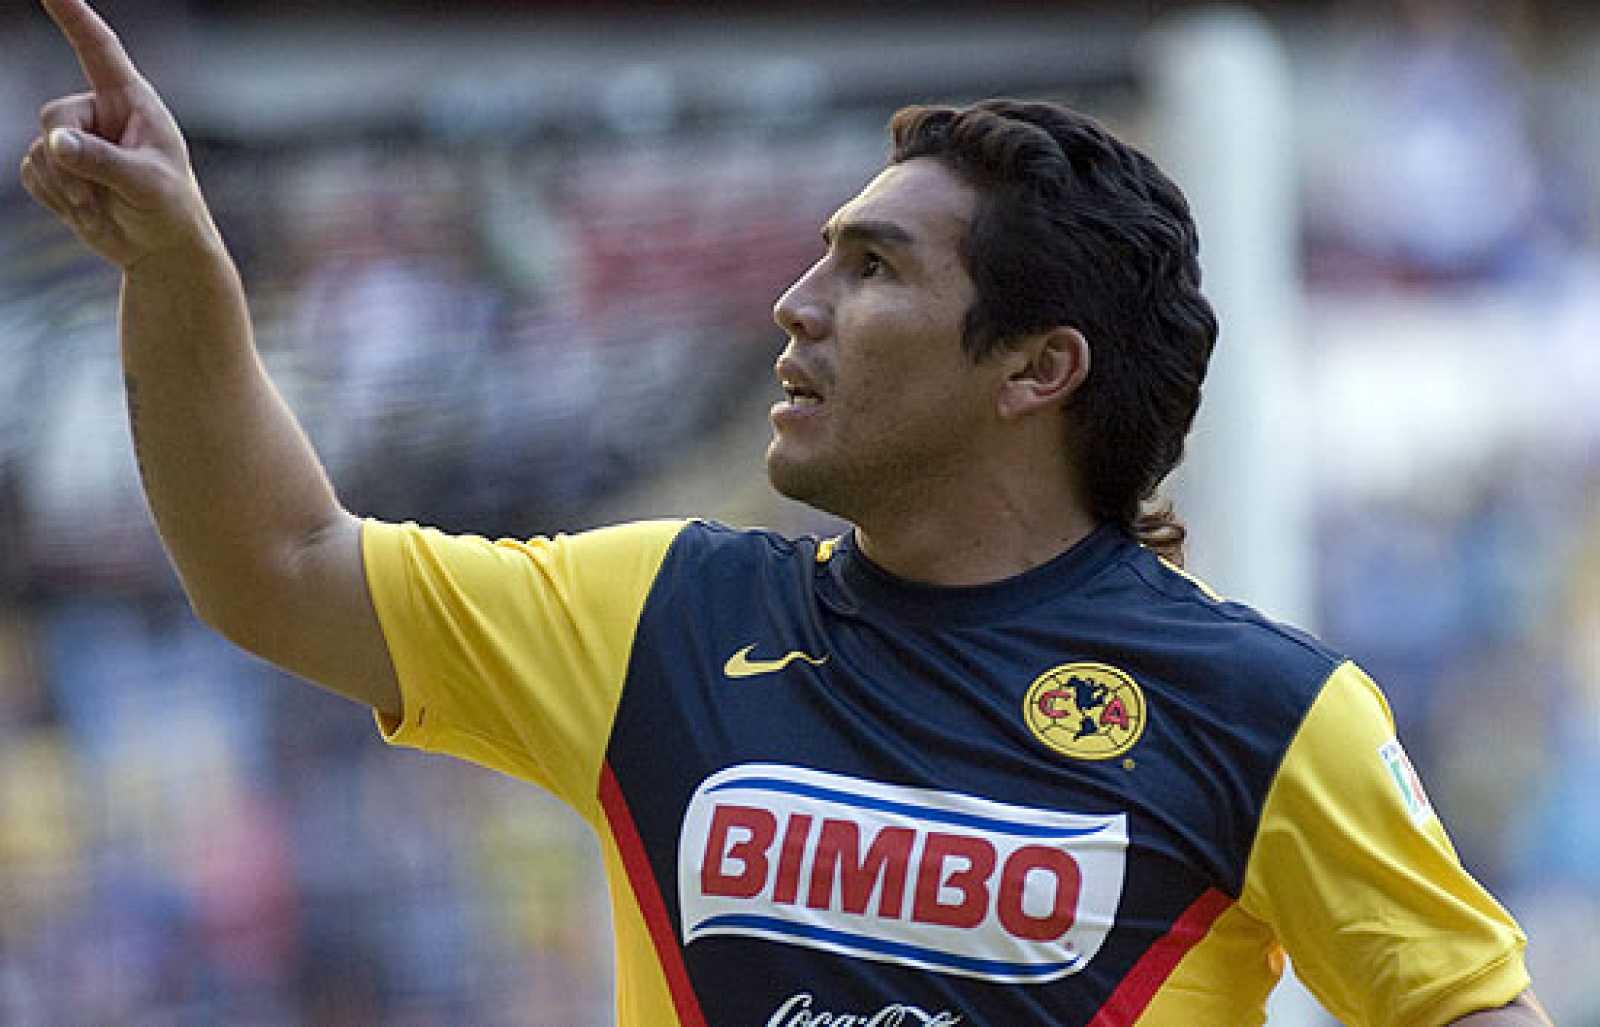 El futbolista paraguayo Cabañas mejora